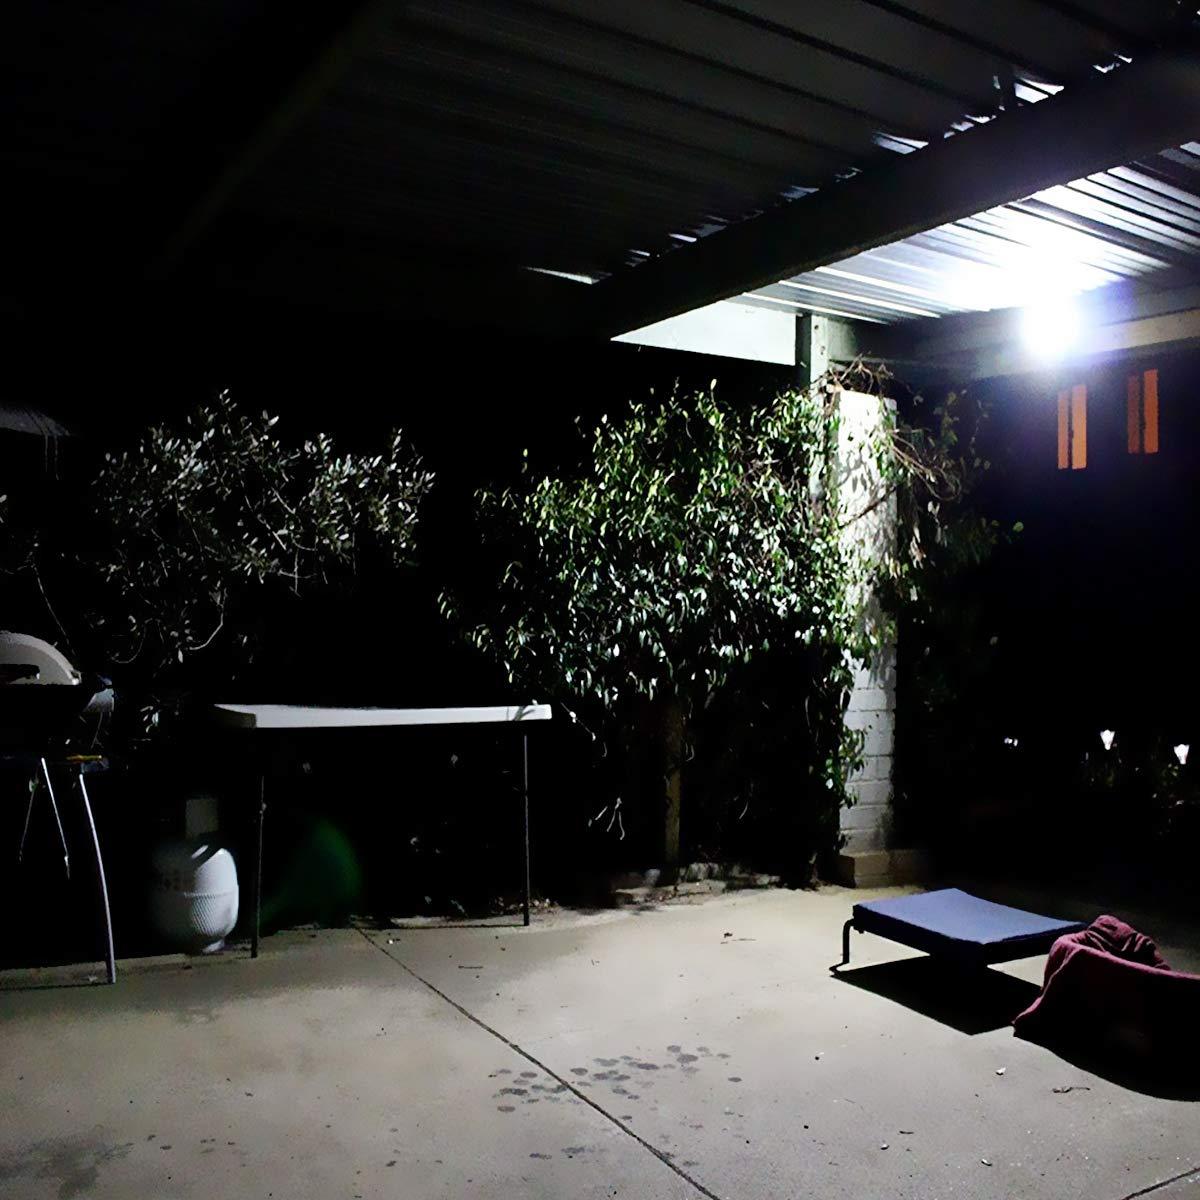 hotel 4000 l/úmenes adecuado para jard/ín patio garaje LE Foco LED  de 50 W IP65 resistente al agua luz blanca fr/ía 5000 Kelvin etc.